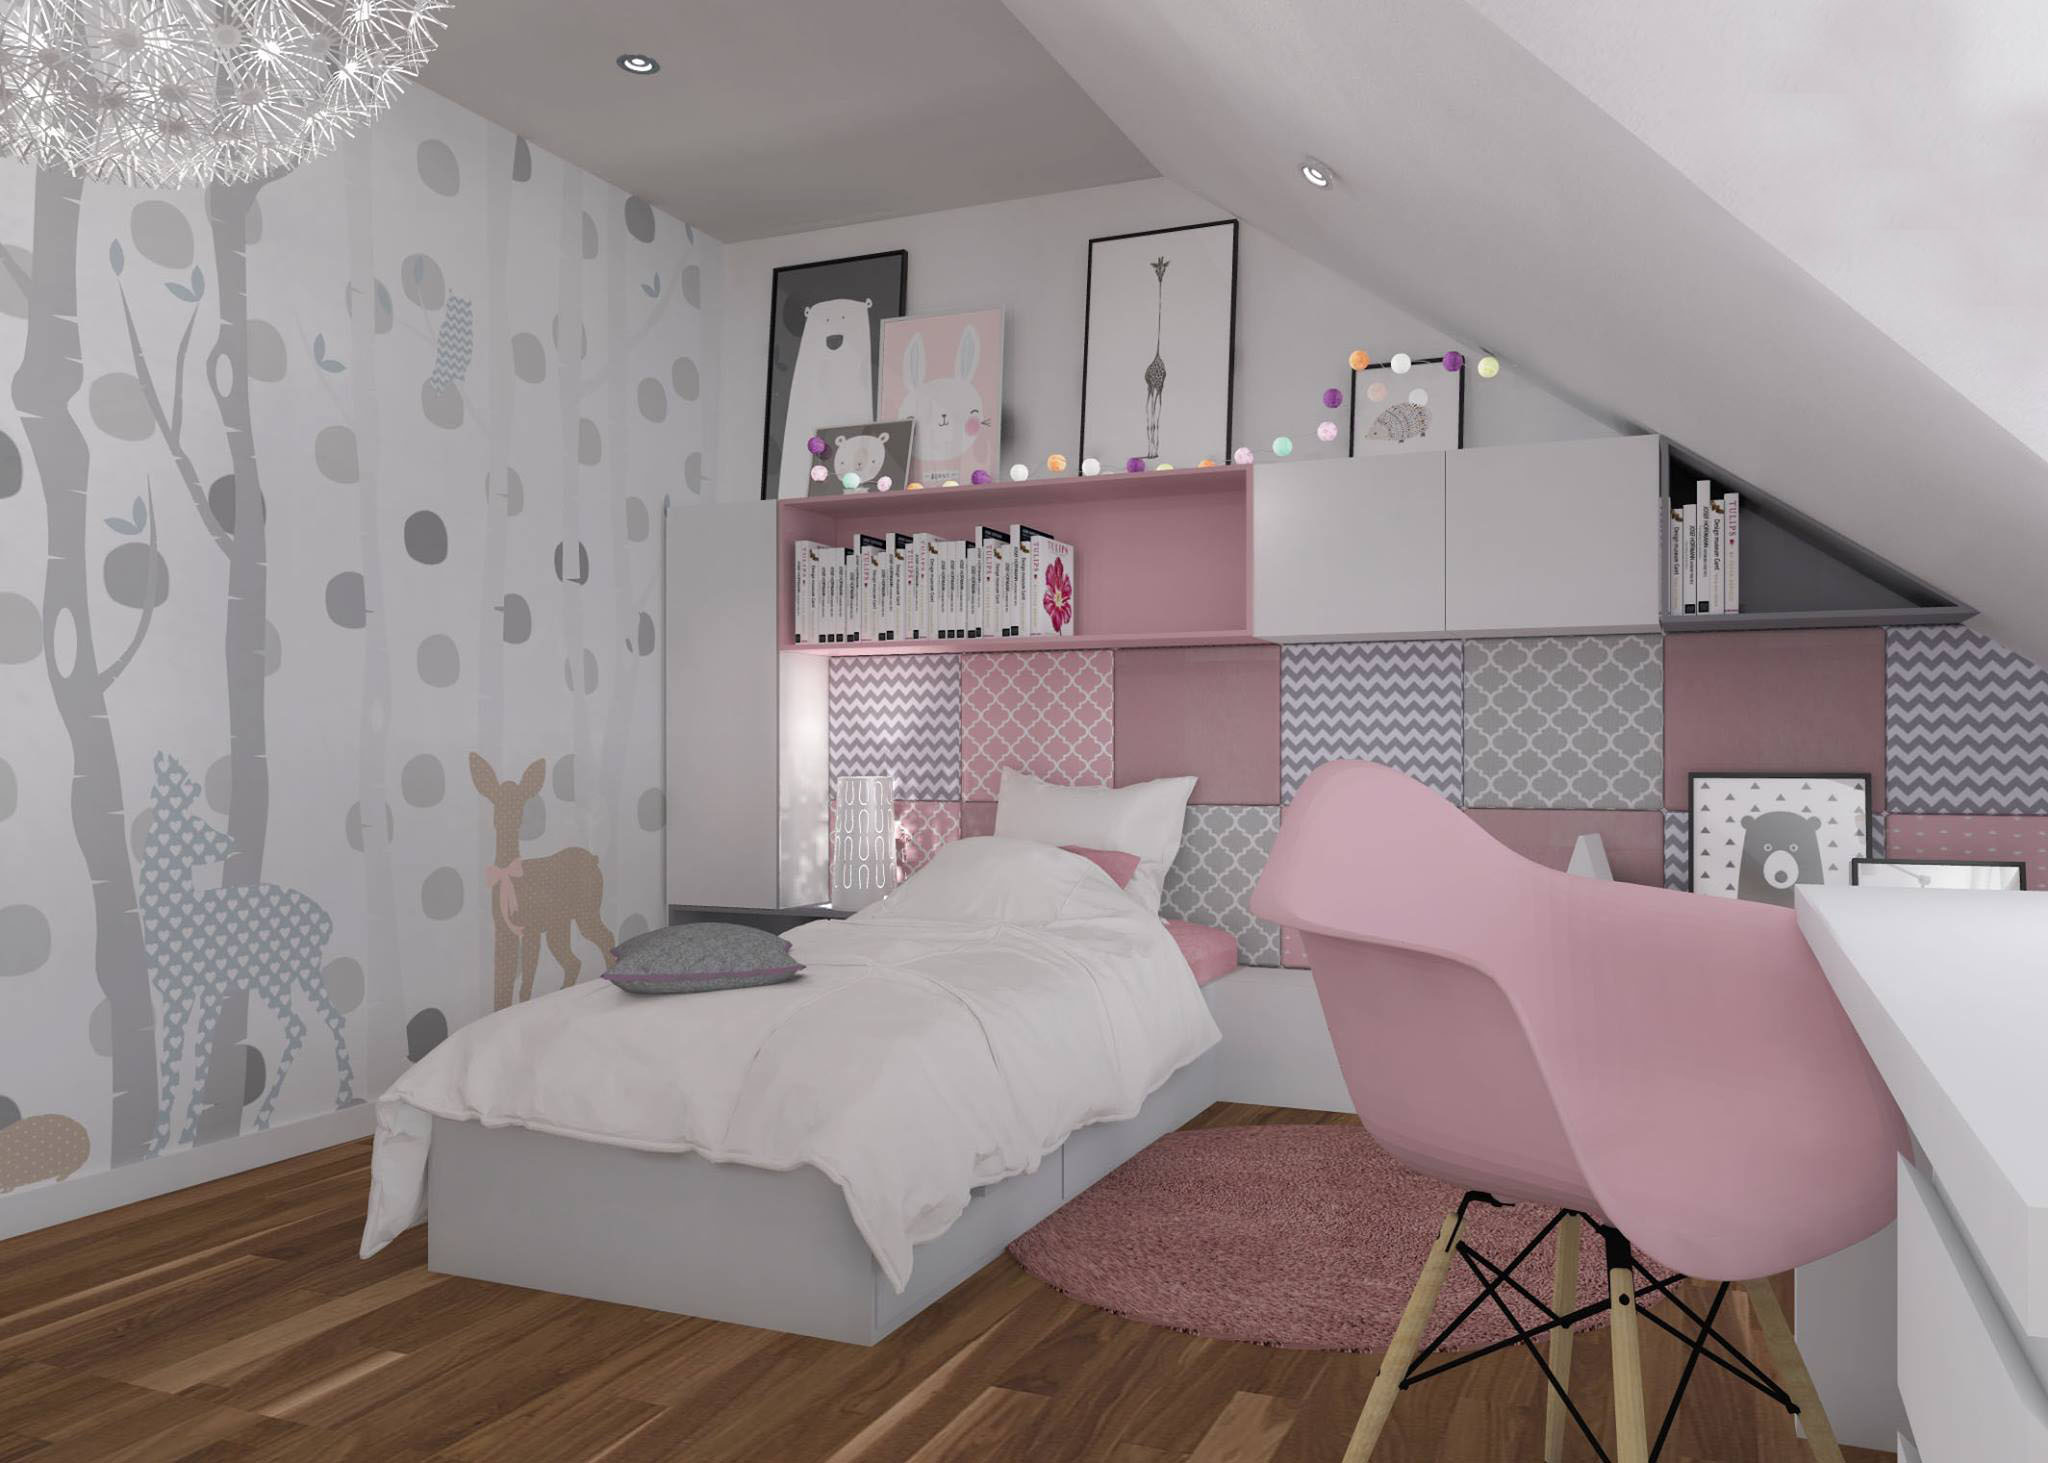 r owy pok j dla dziewczynki aleksandra wachowicz. Black Bedroom Furniture Sets. Home Design Ideas